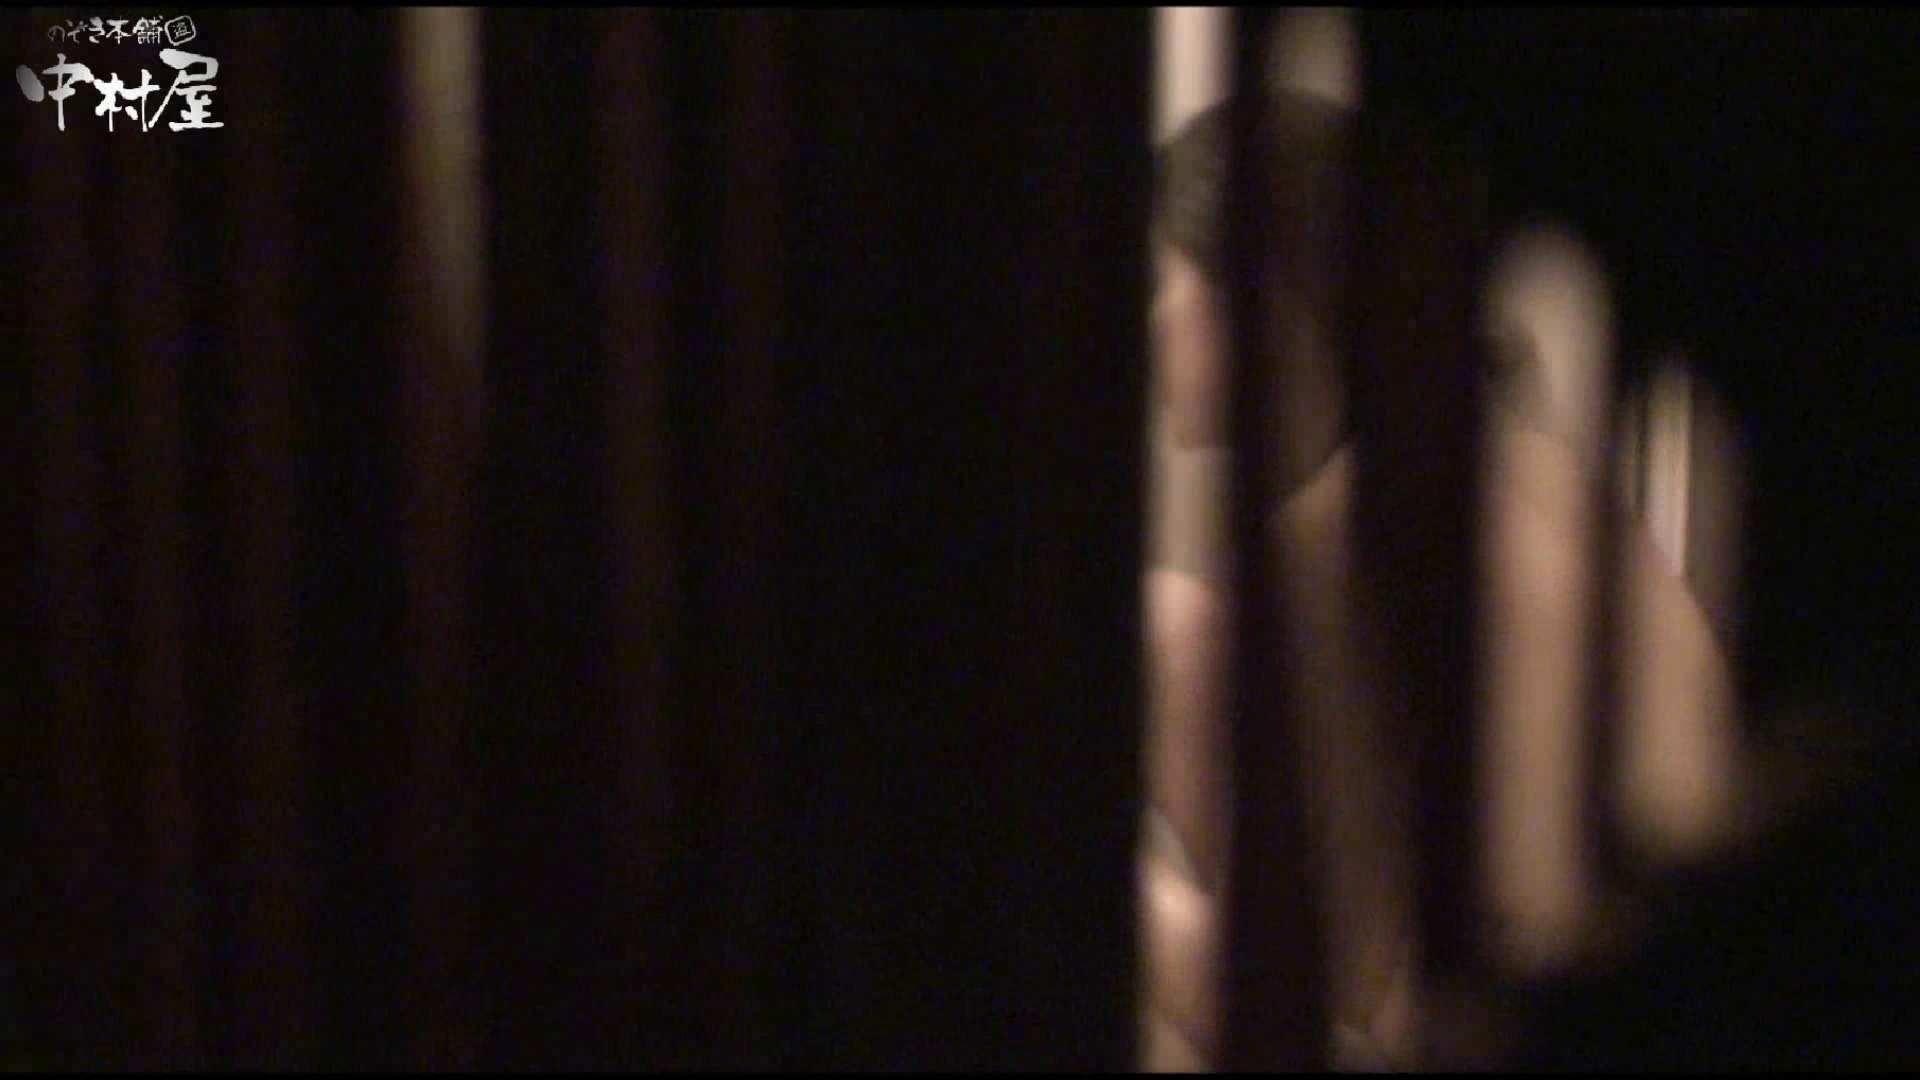 民家風呂専門盗撮師の超危険映像 vol.028 民家 | お色気美少女  54枚 37